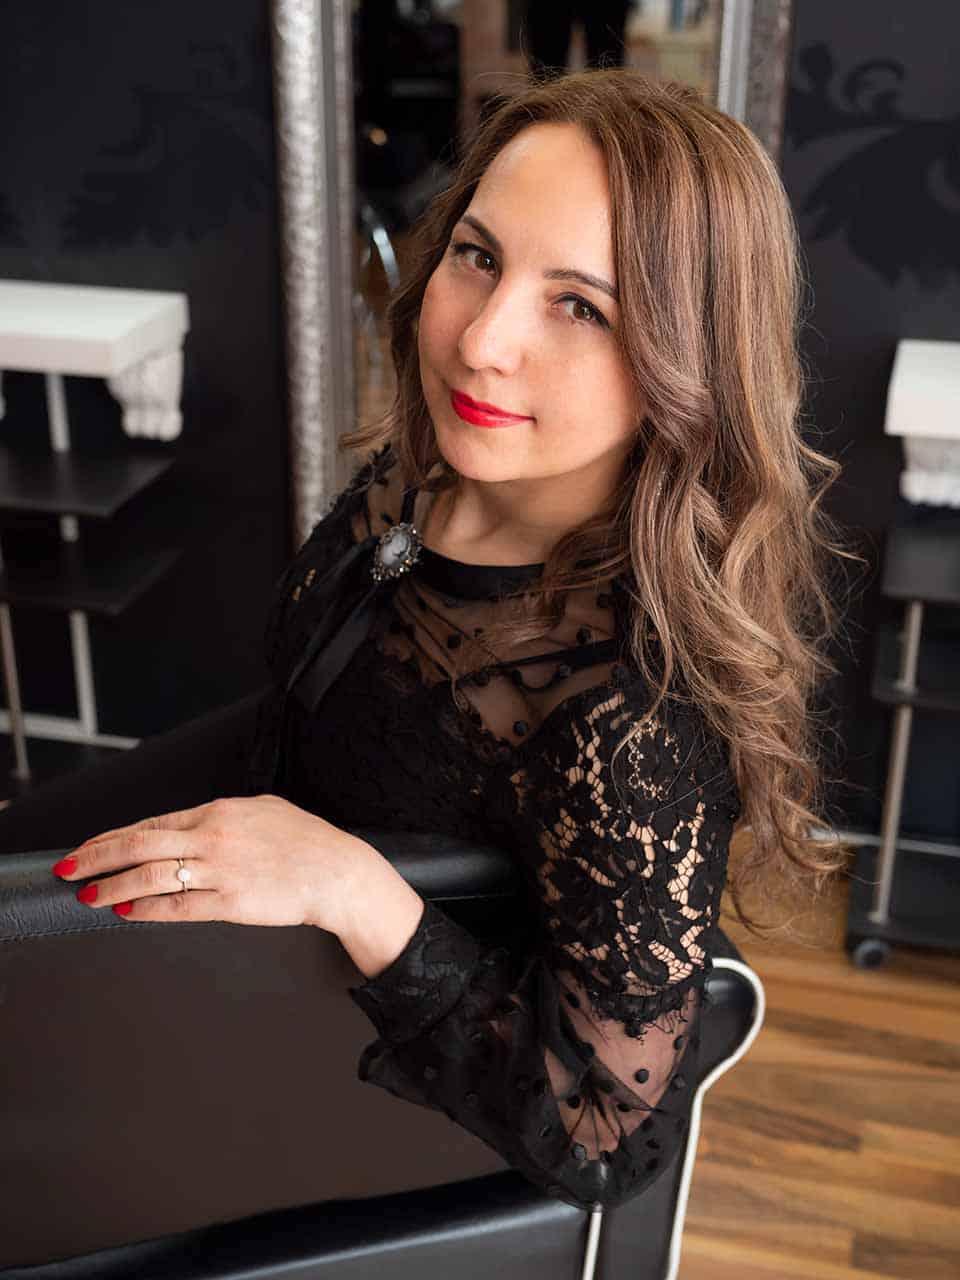 Haarstudio Barock Team Ljudmila Kossenko Einzelfoto